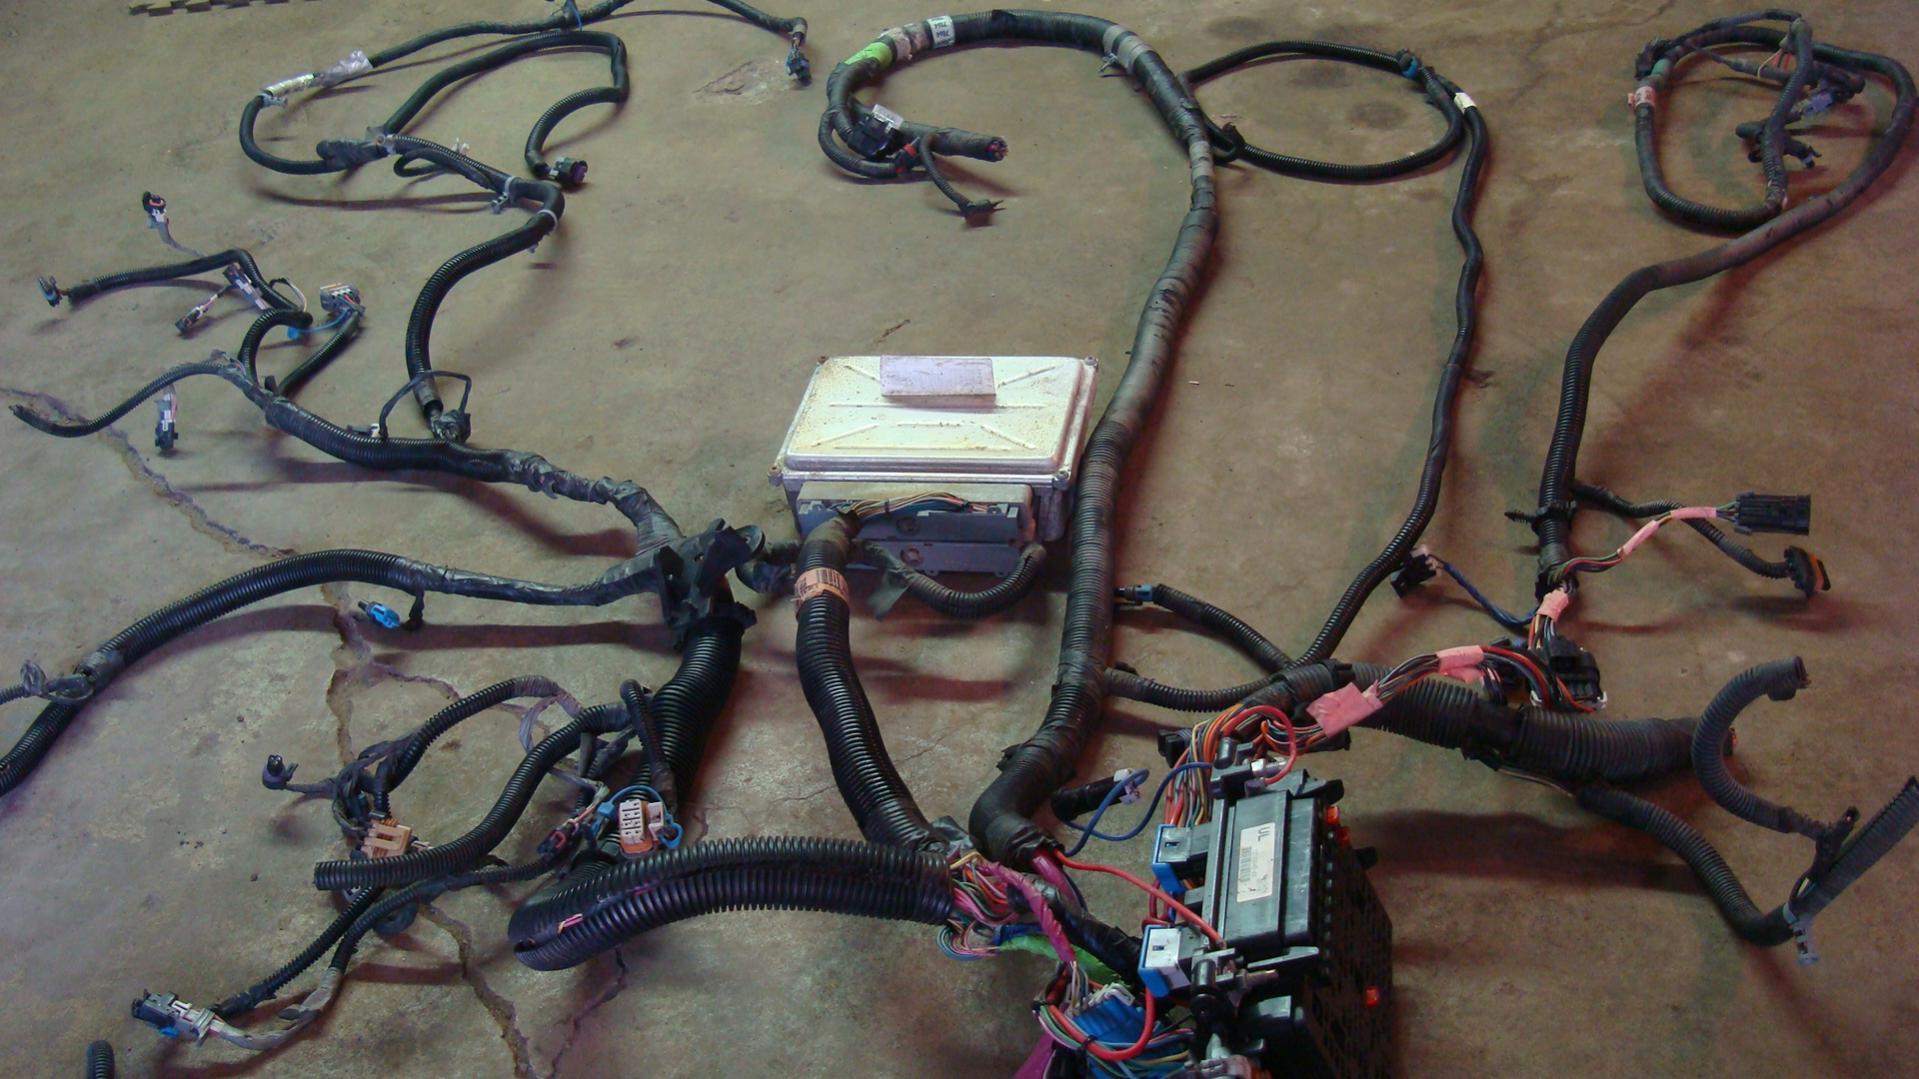 Vortec Wiring Harness